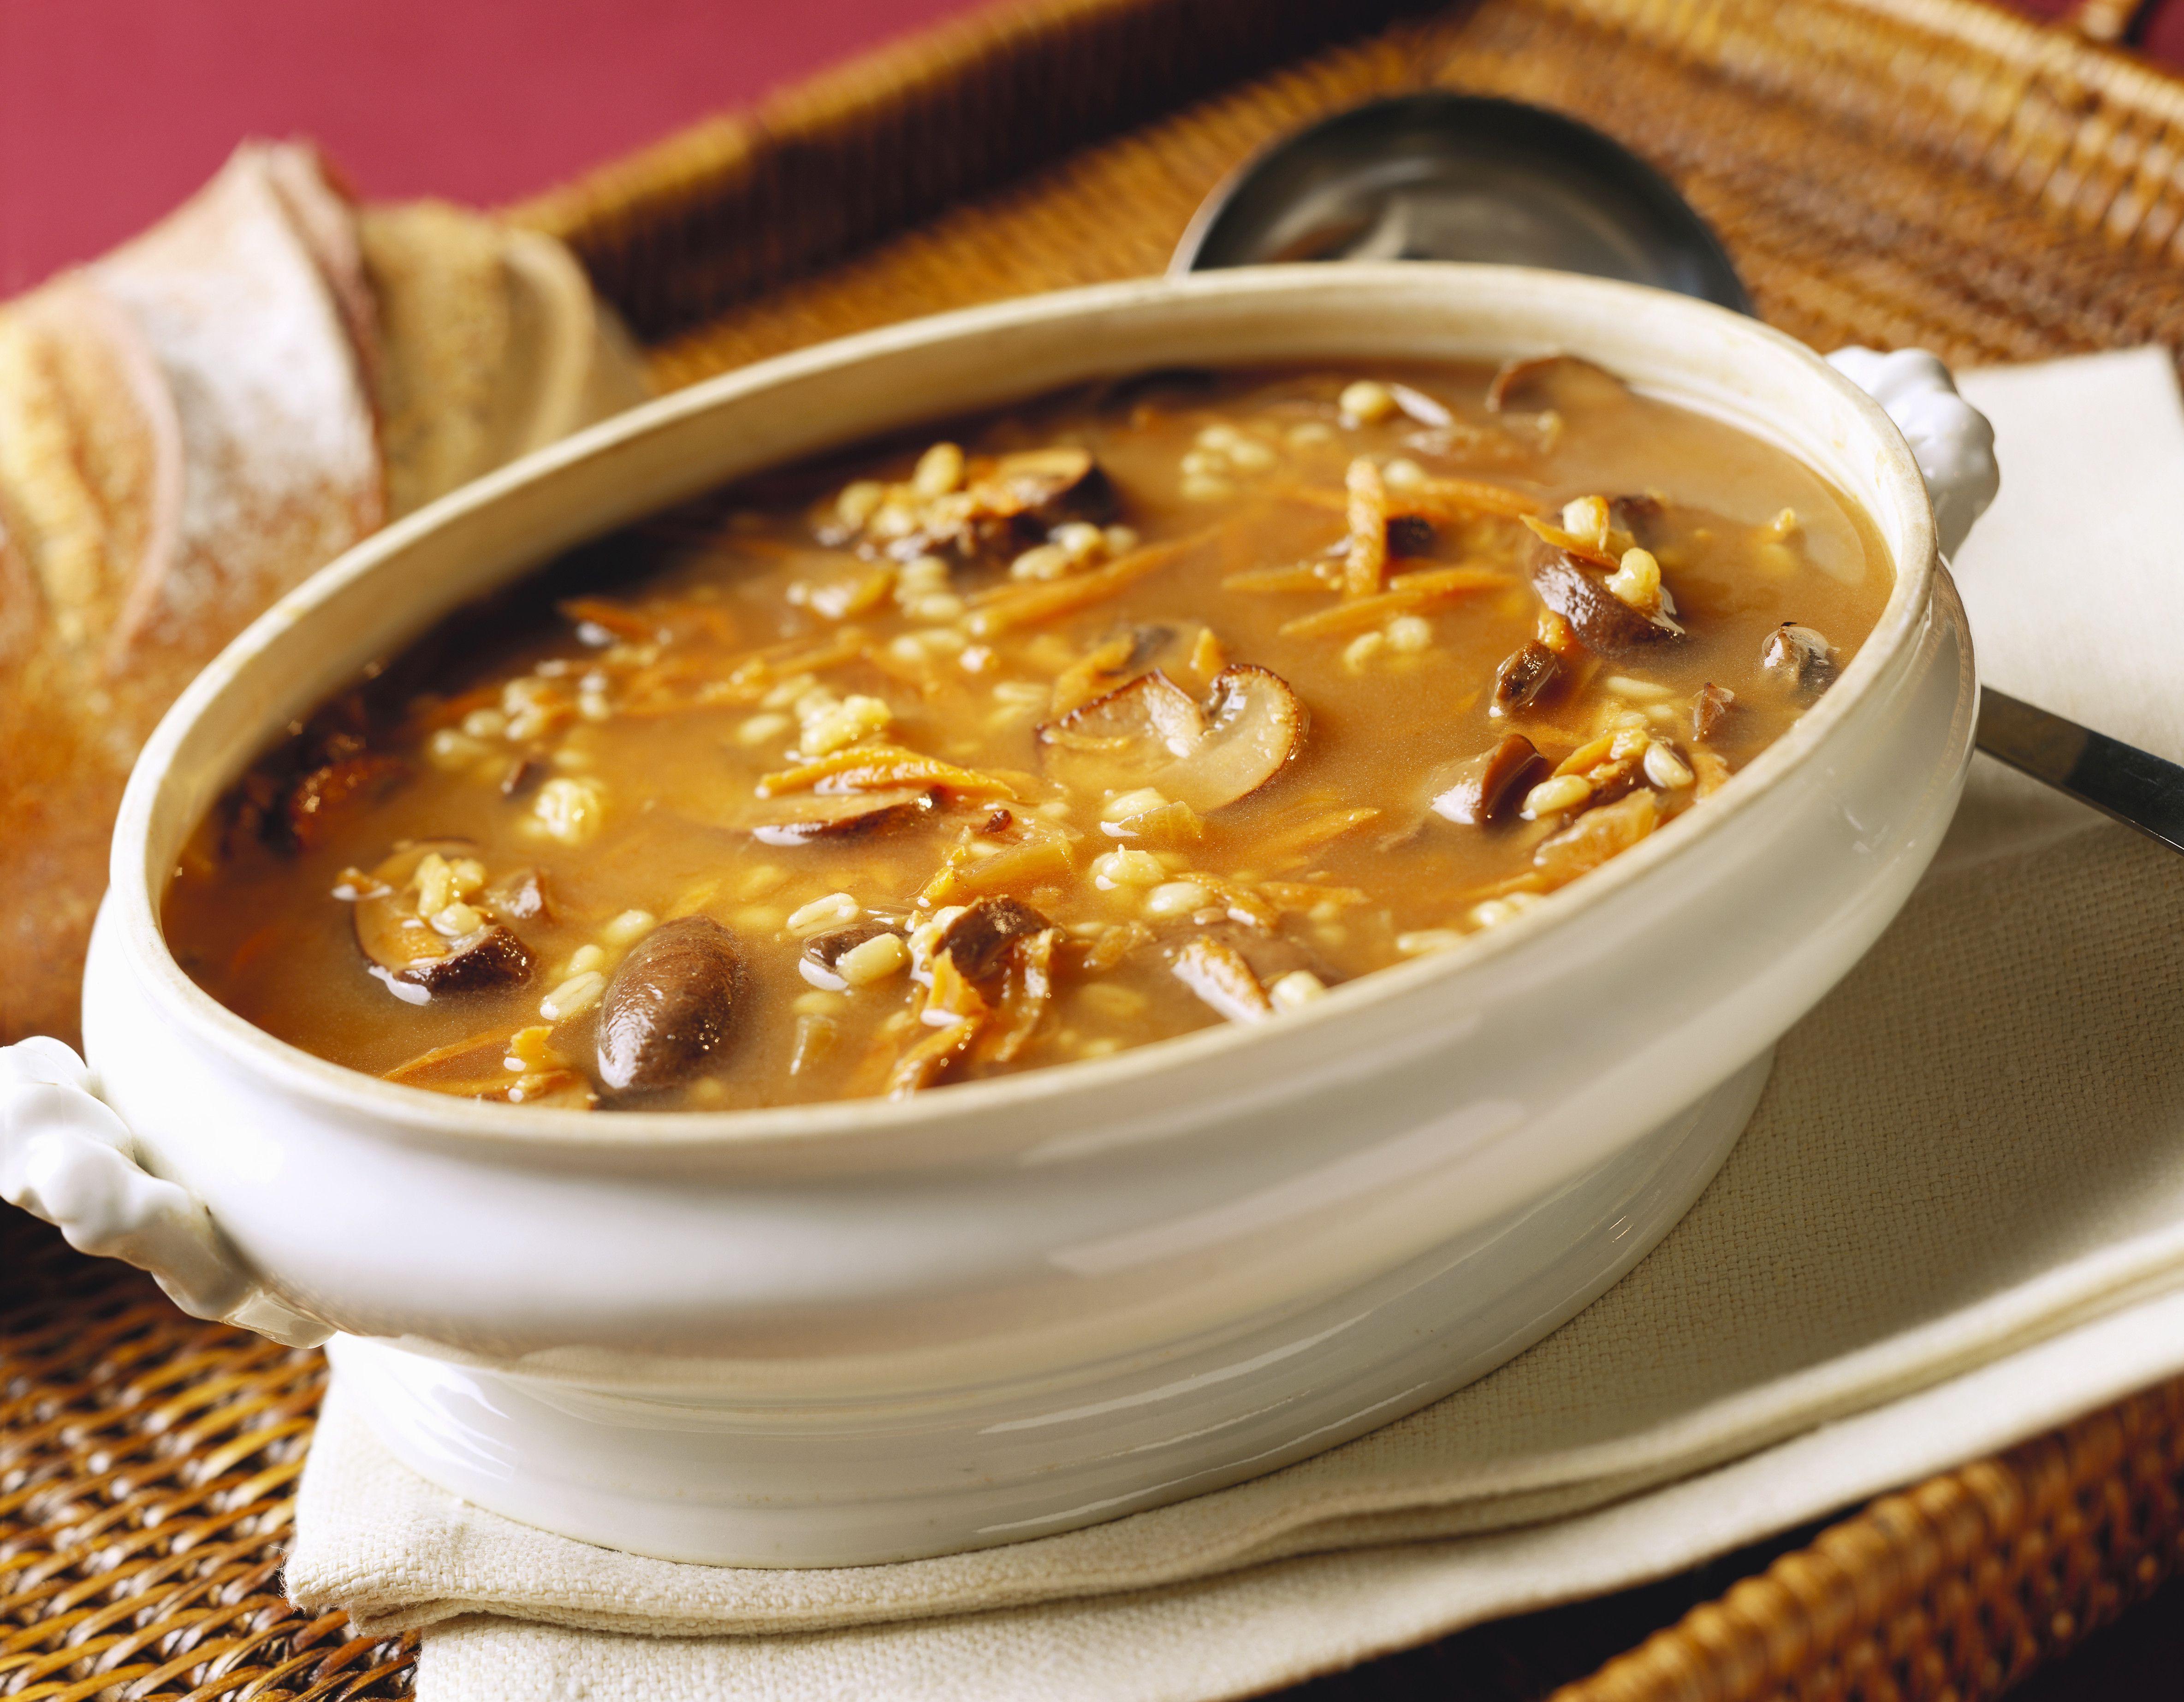 Mushroom Barley Soup in a White Tureen